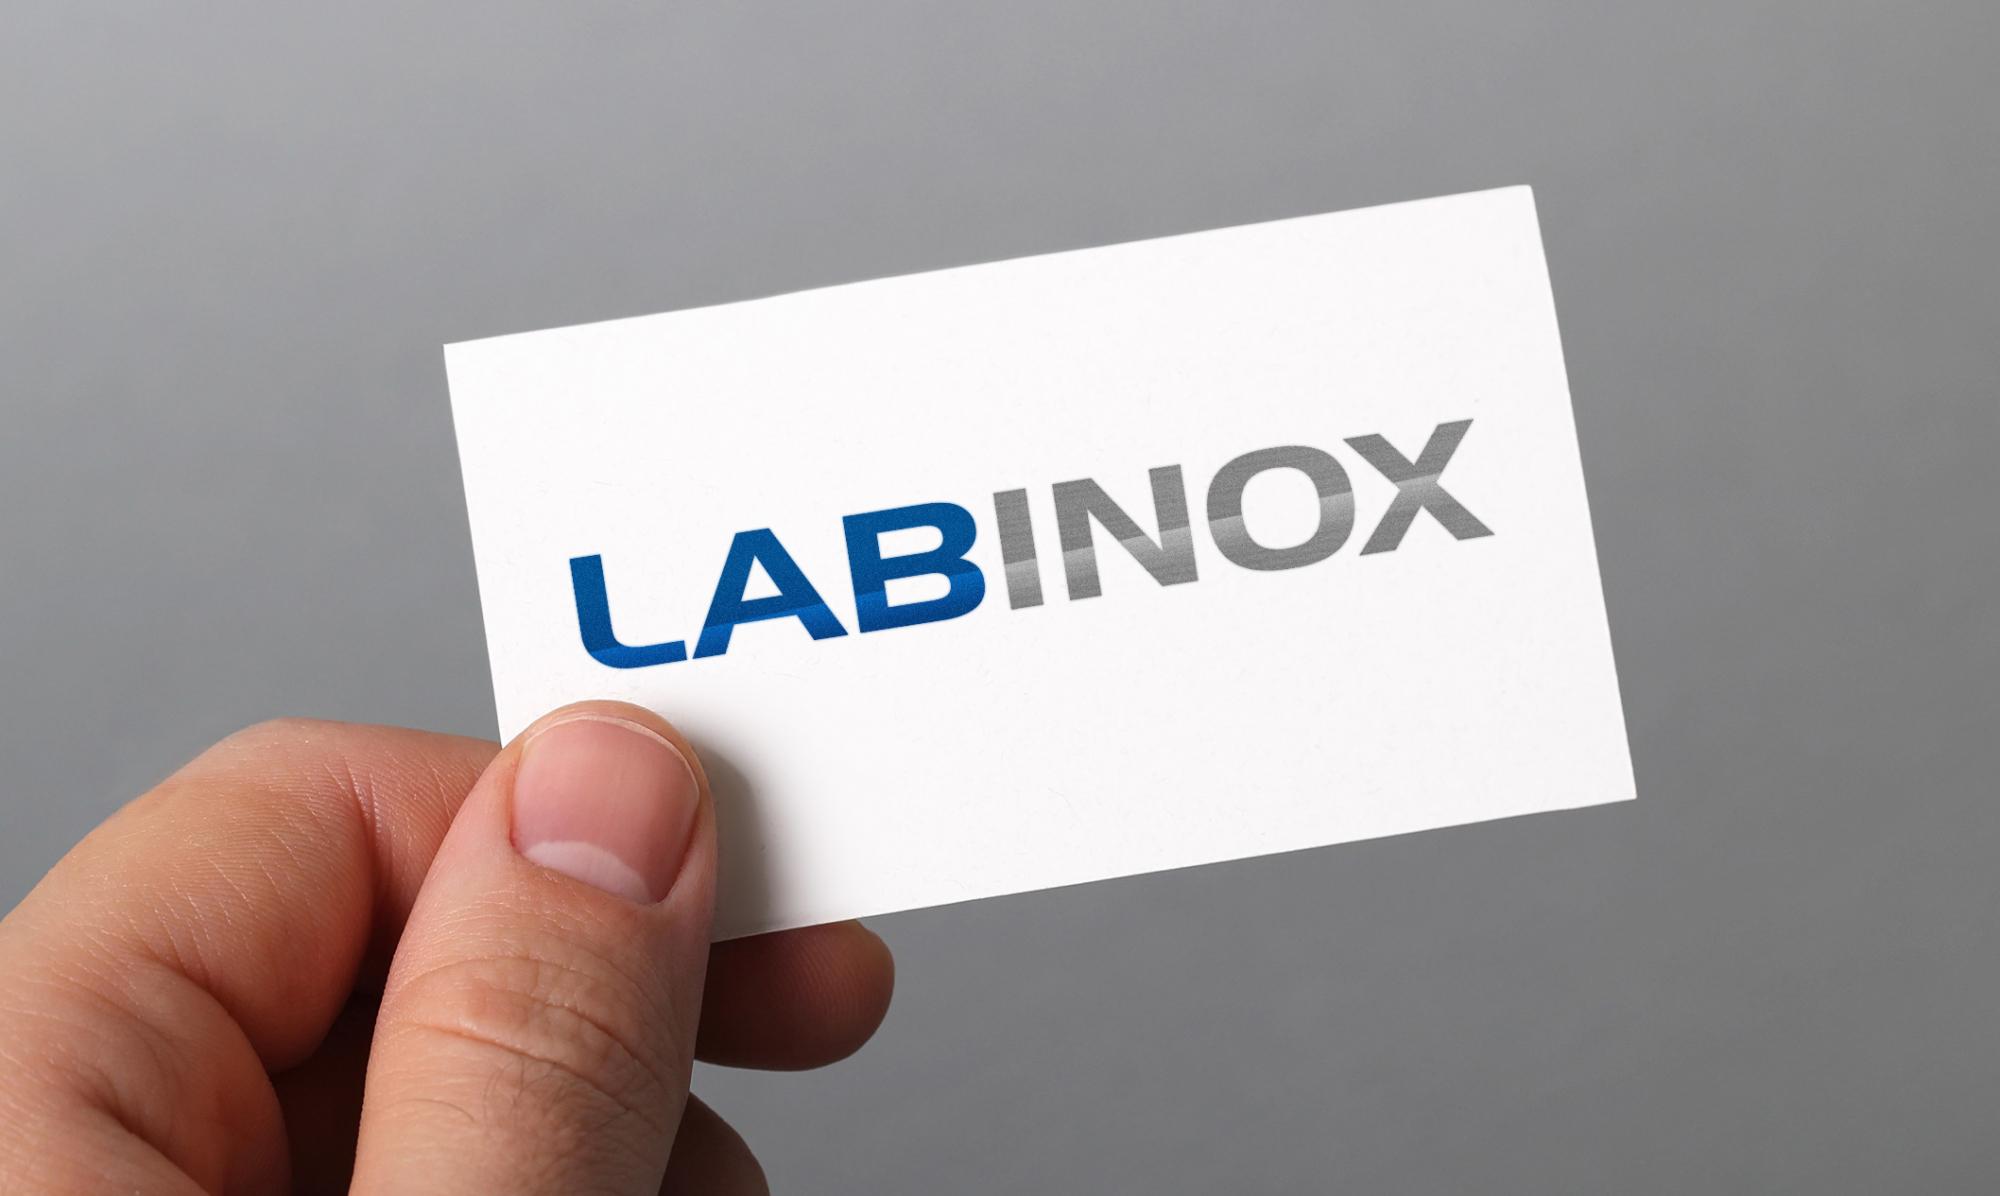 Labinox New Branding